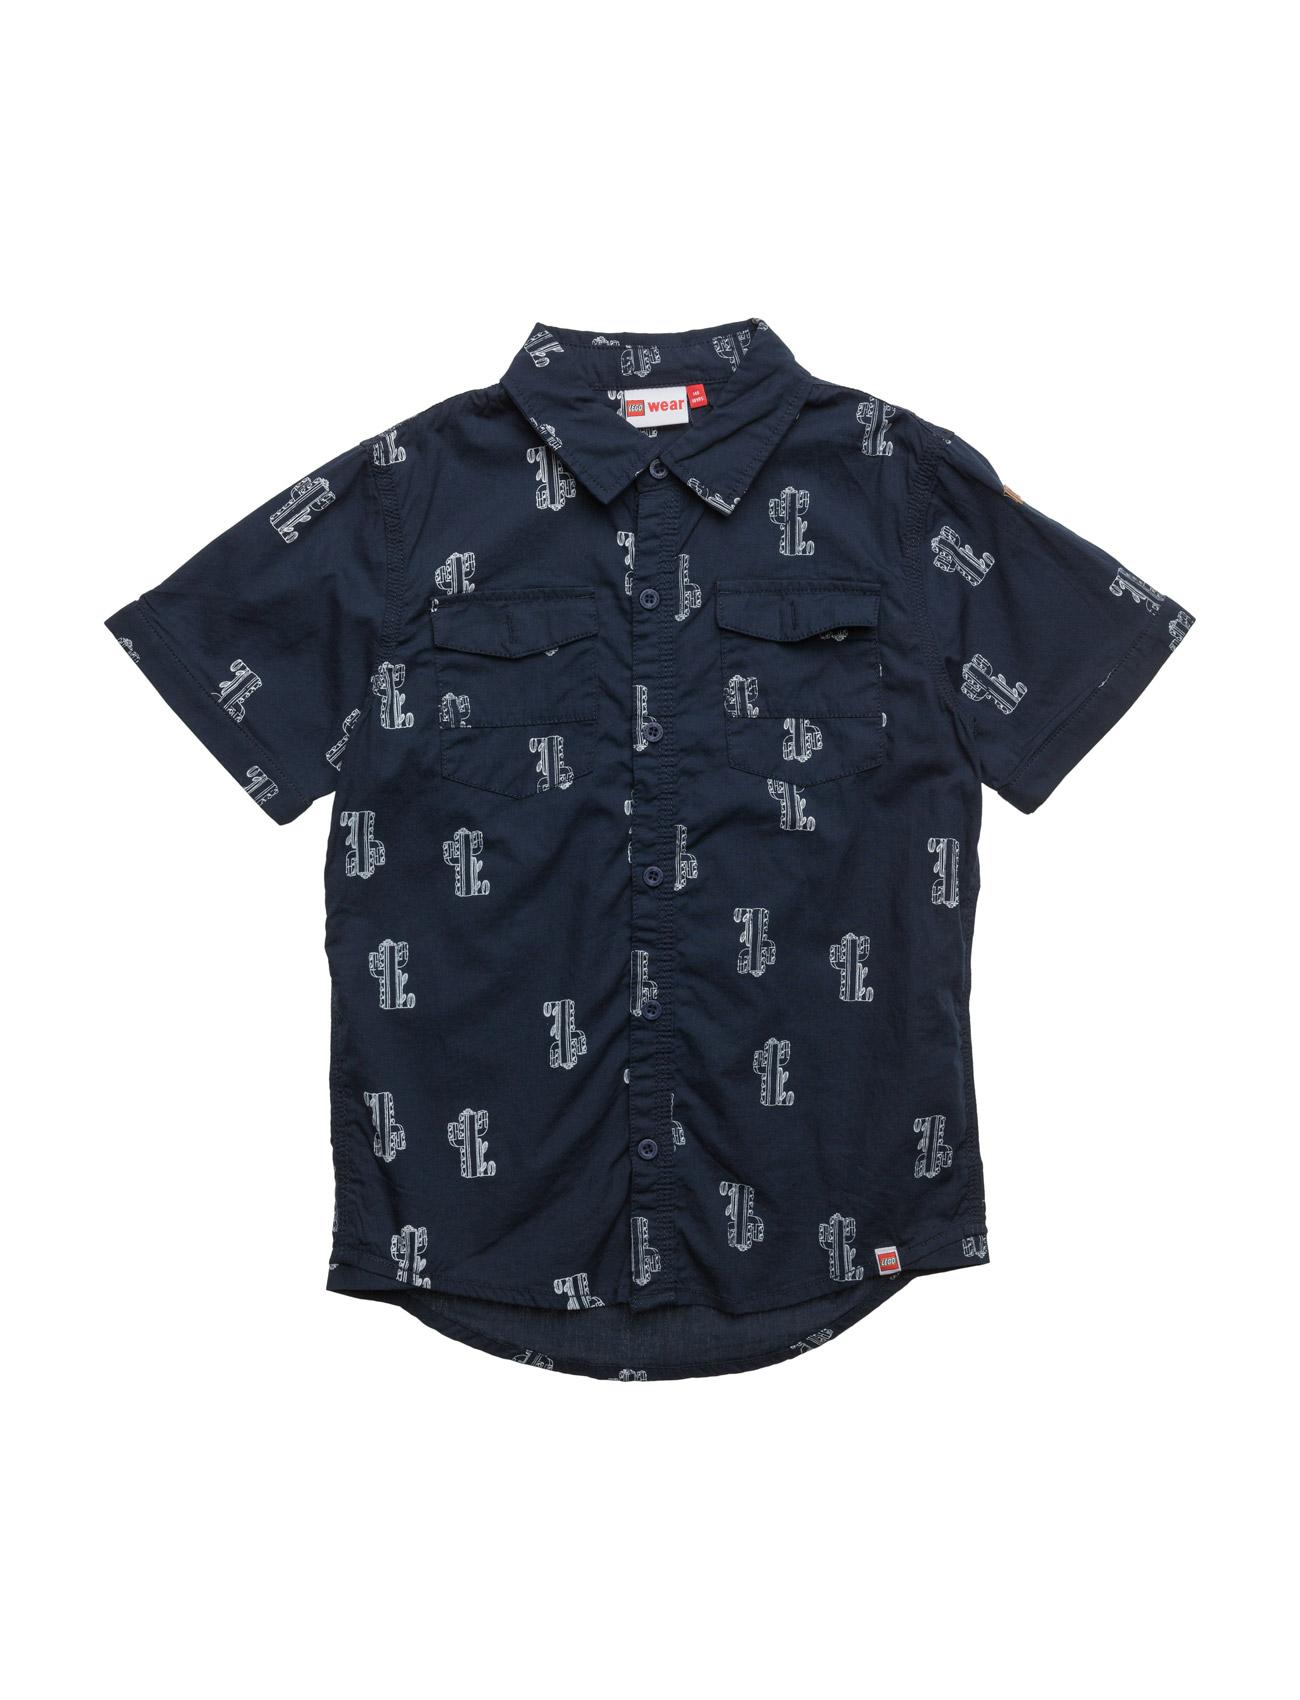 Huxi 301 - Shirt S/S Lego wear  til Børn i